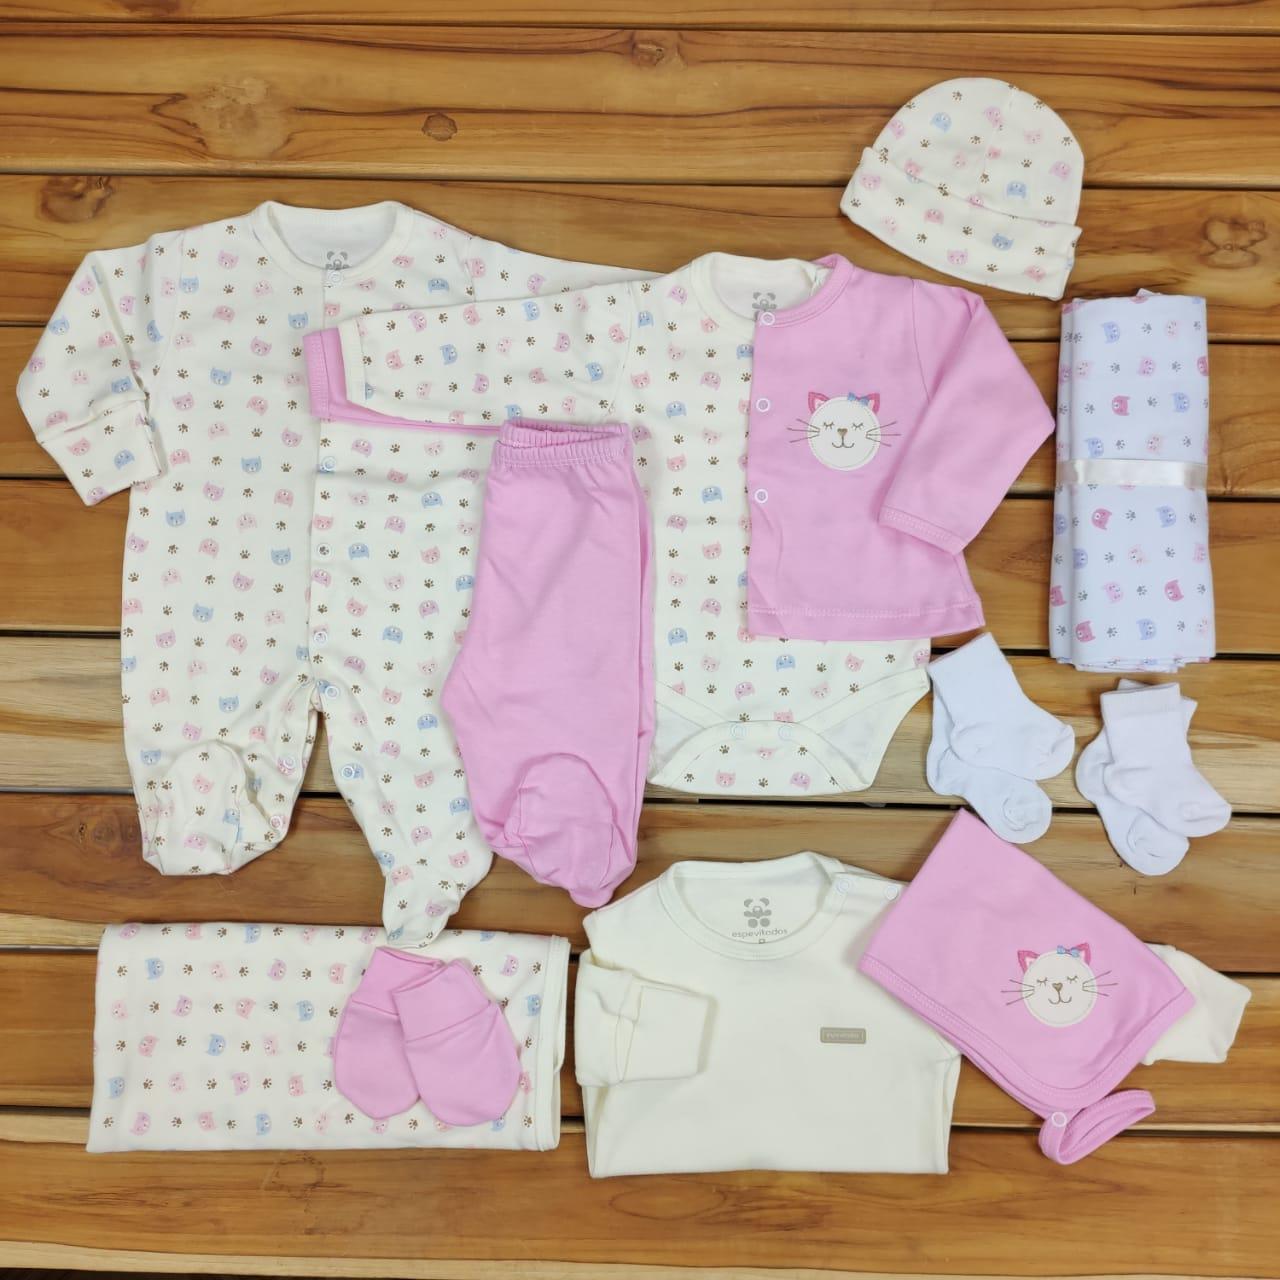 Kit Maternidade Rosa e Cru - 12 Peças